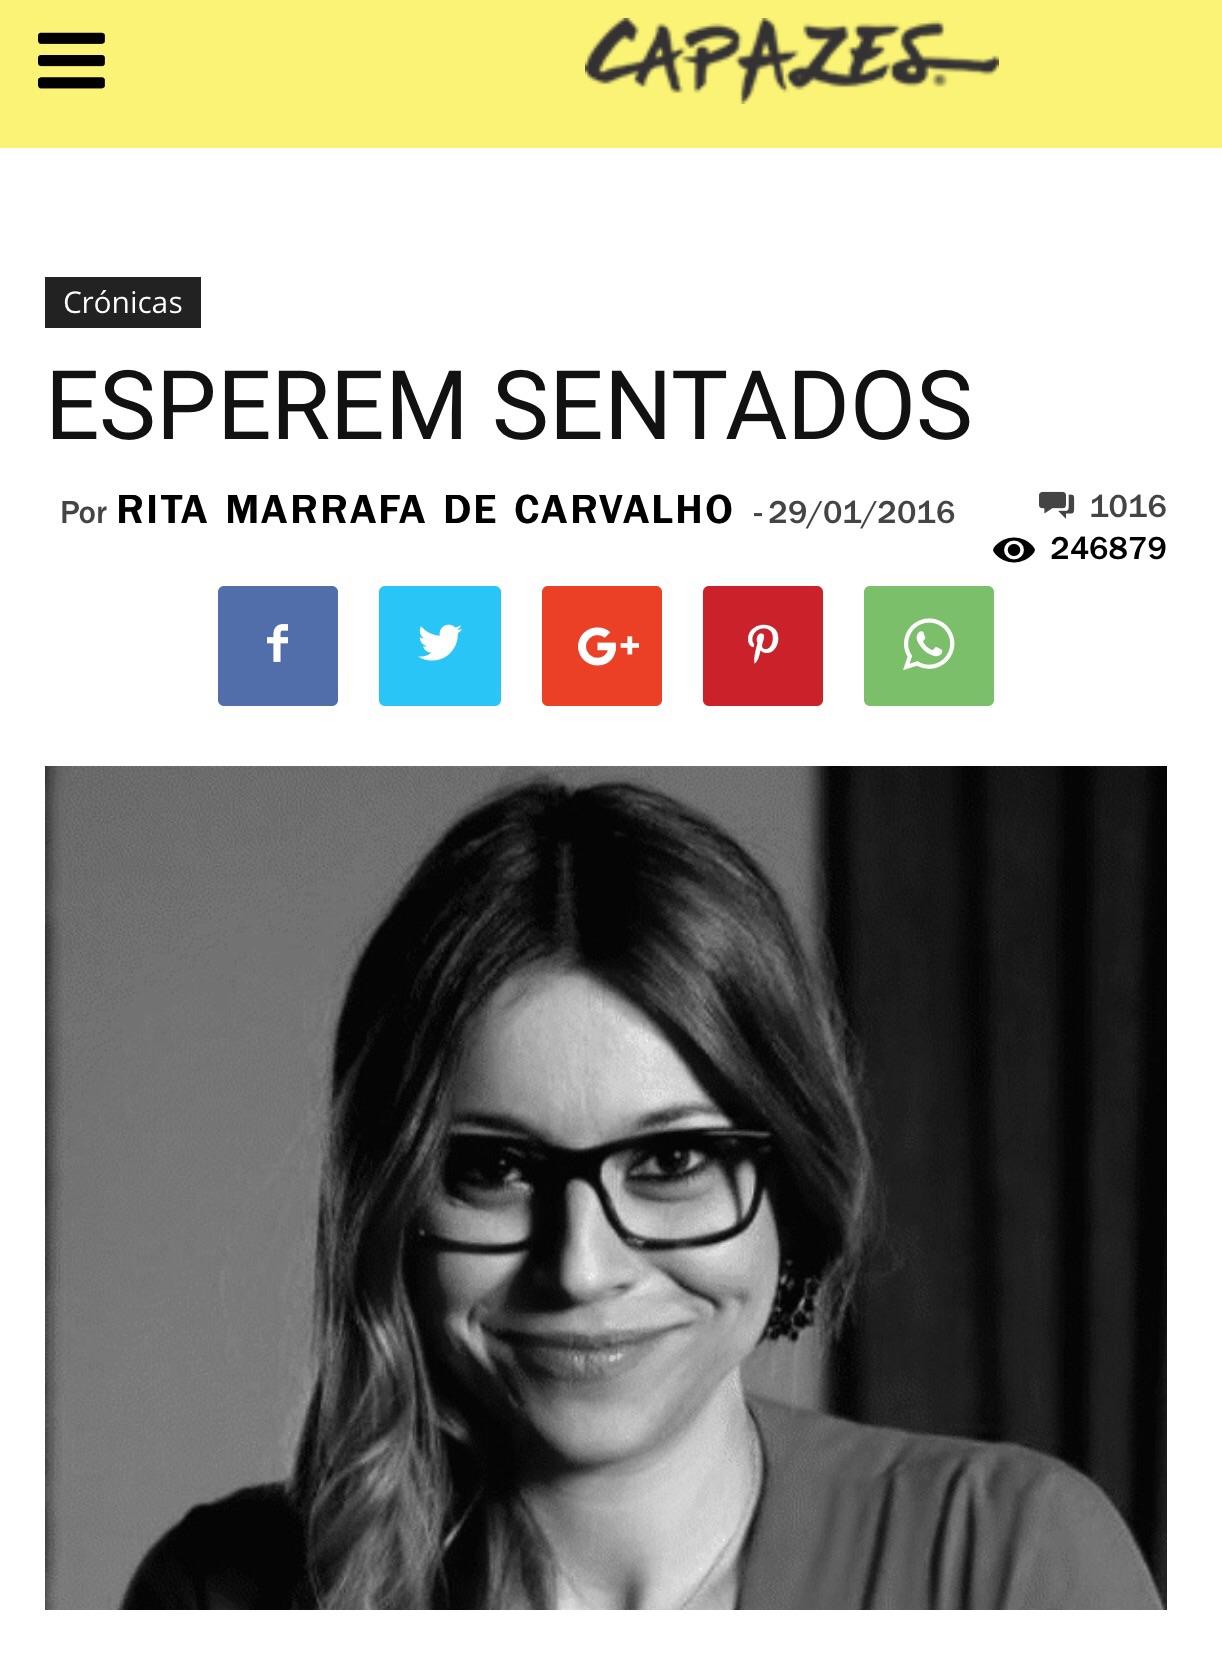 http://capazes.pt/cronicas/esperem-sentados/